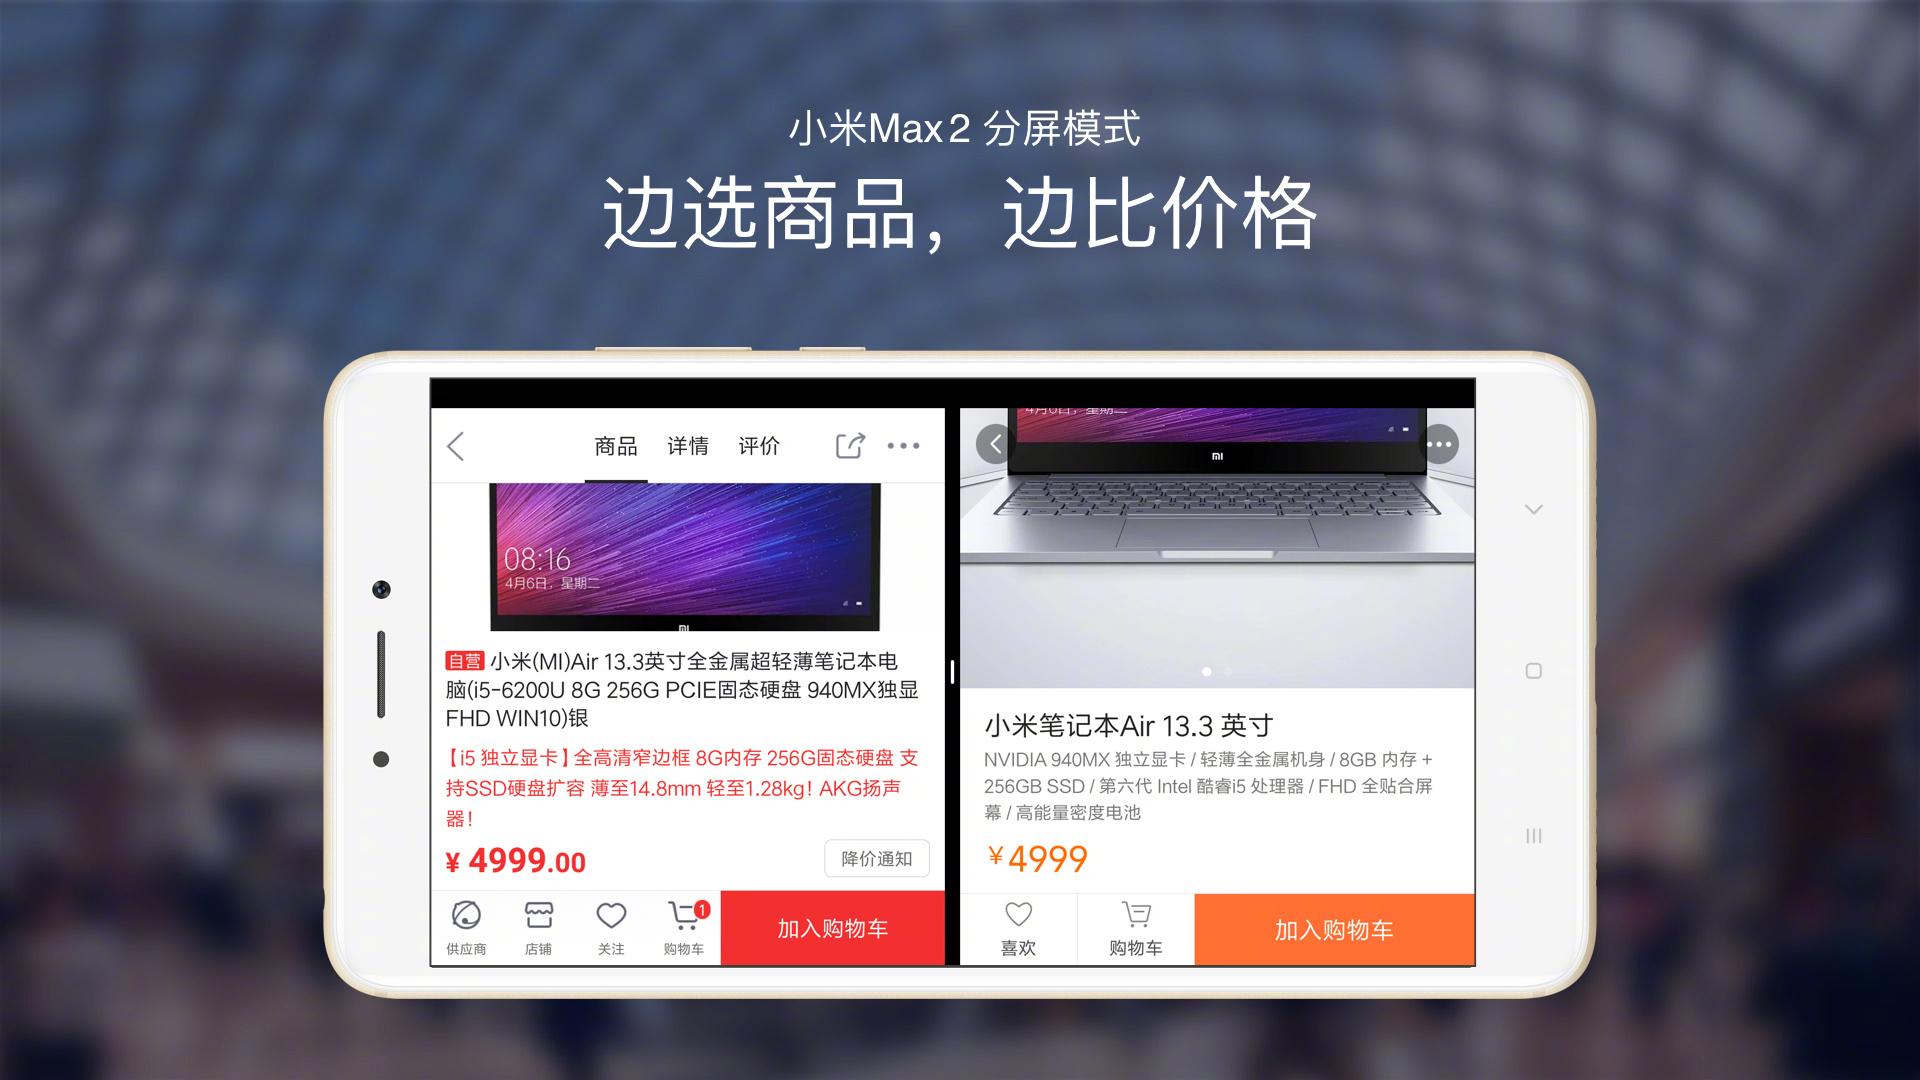 Xiaomi MIUI 8 Update